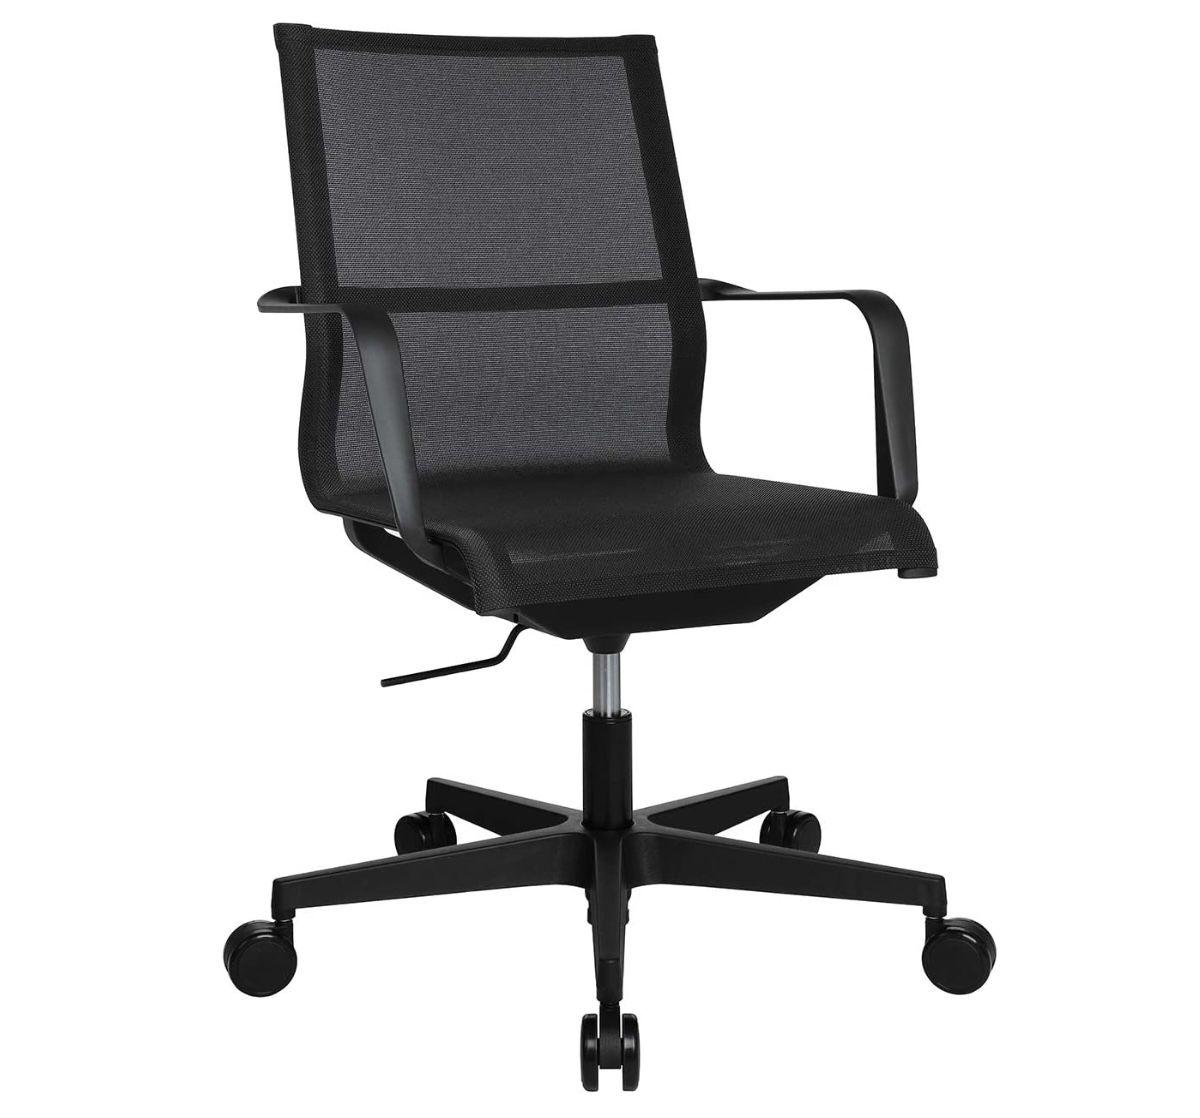 Topstar Sitness Life 40 Bürostuhl in Schwarz für 128,69€ (statt 236€)